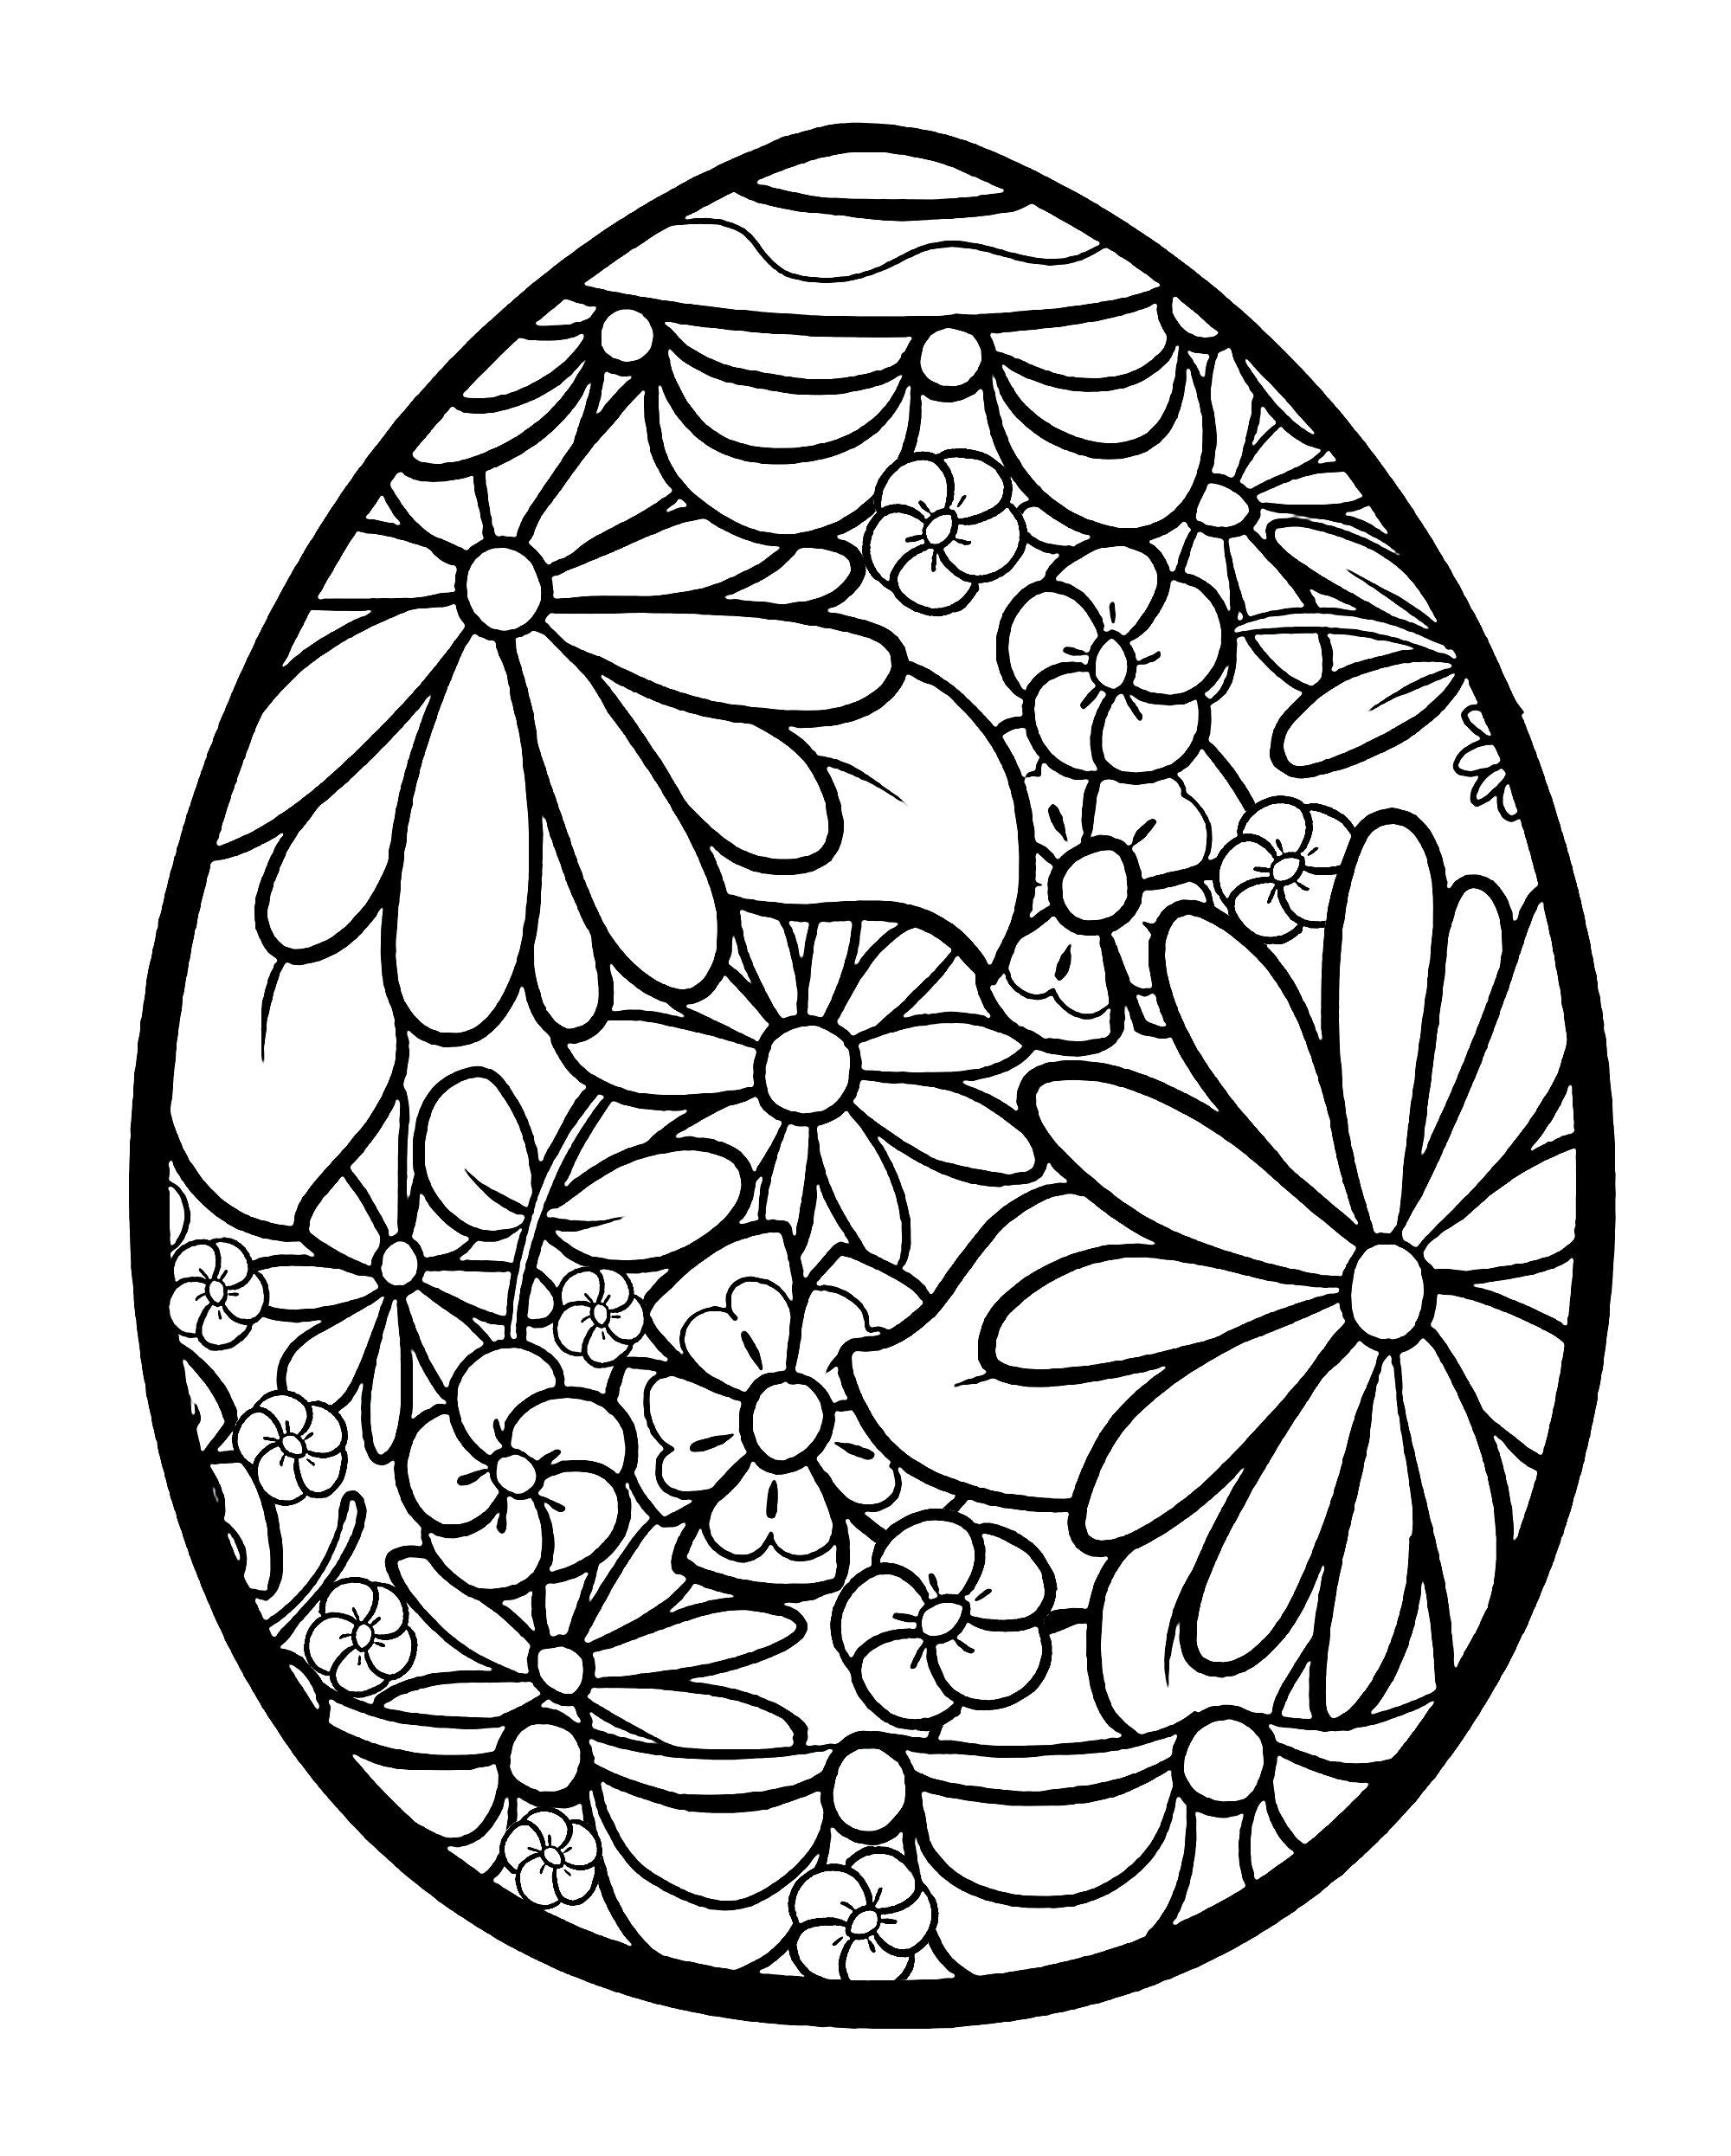 Disegni da colorare per adulti : Pasqua - 2